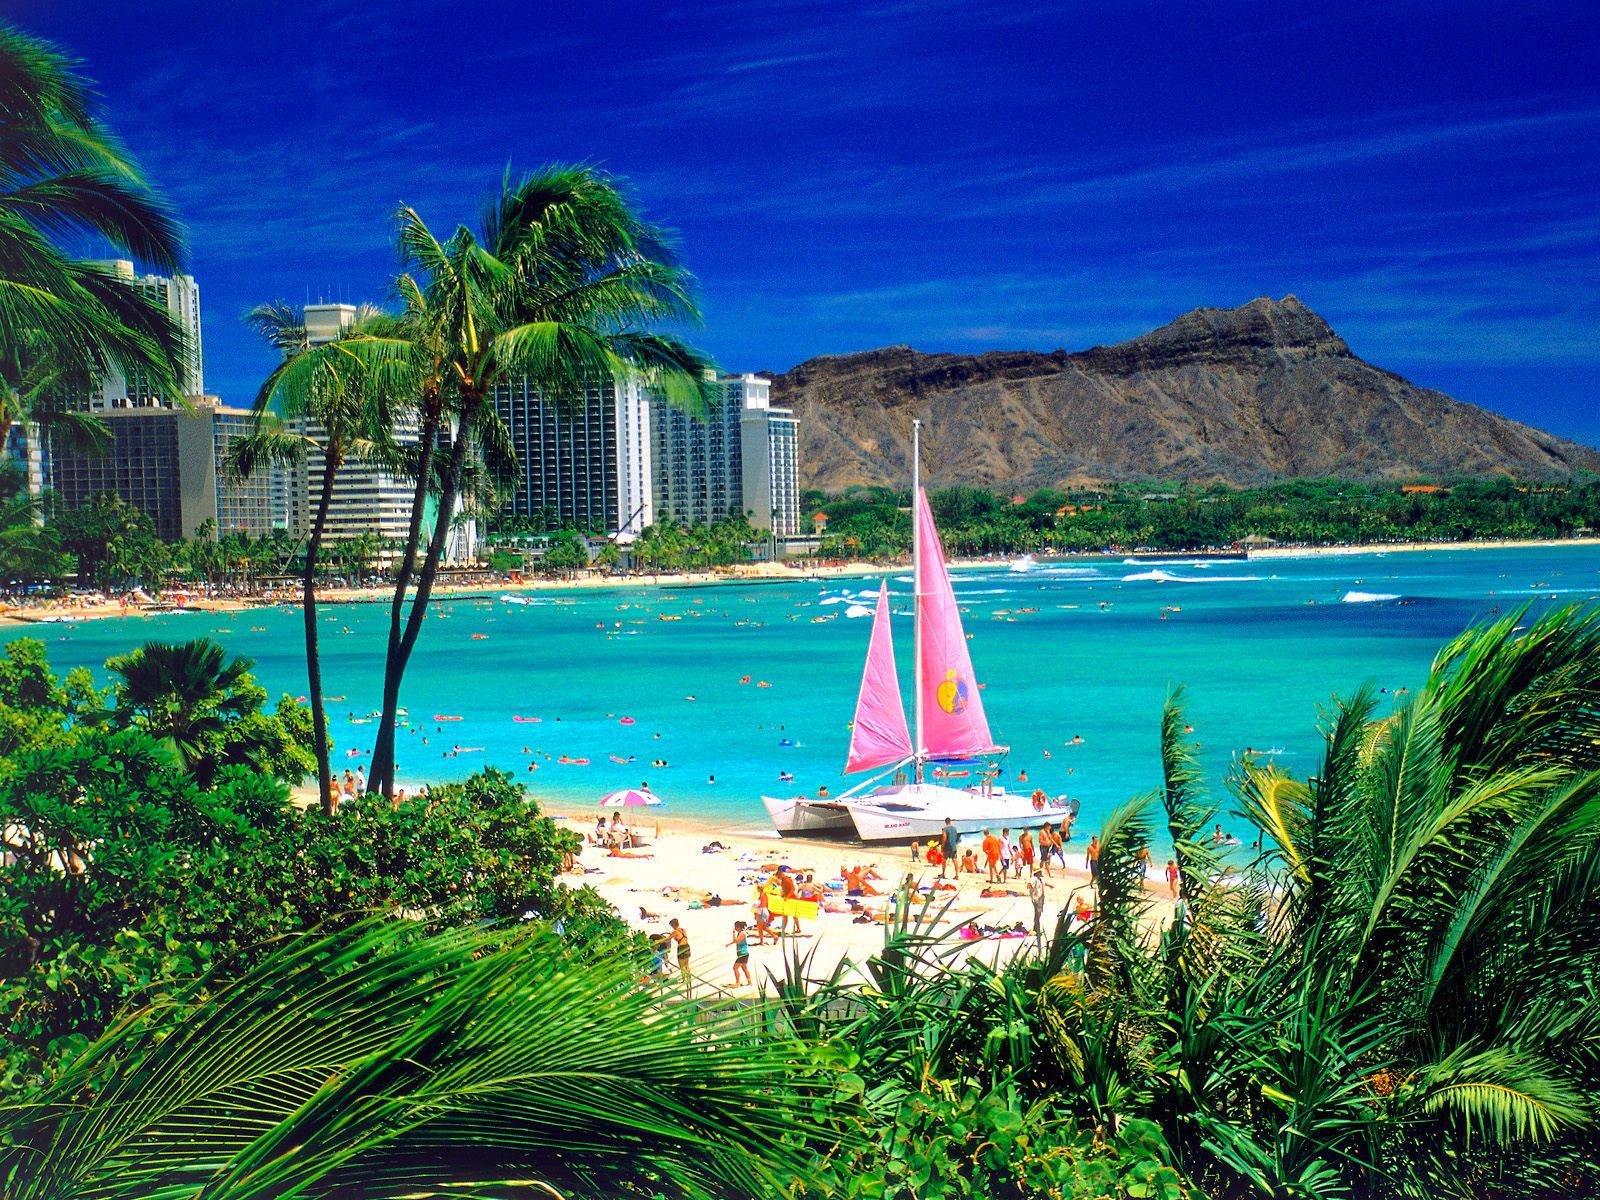 Beach Scene Wallpaper Full Desktop Backgrounds 1600x1200